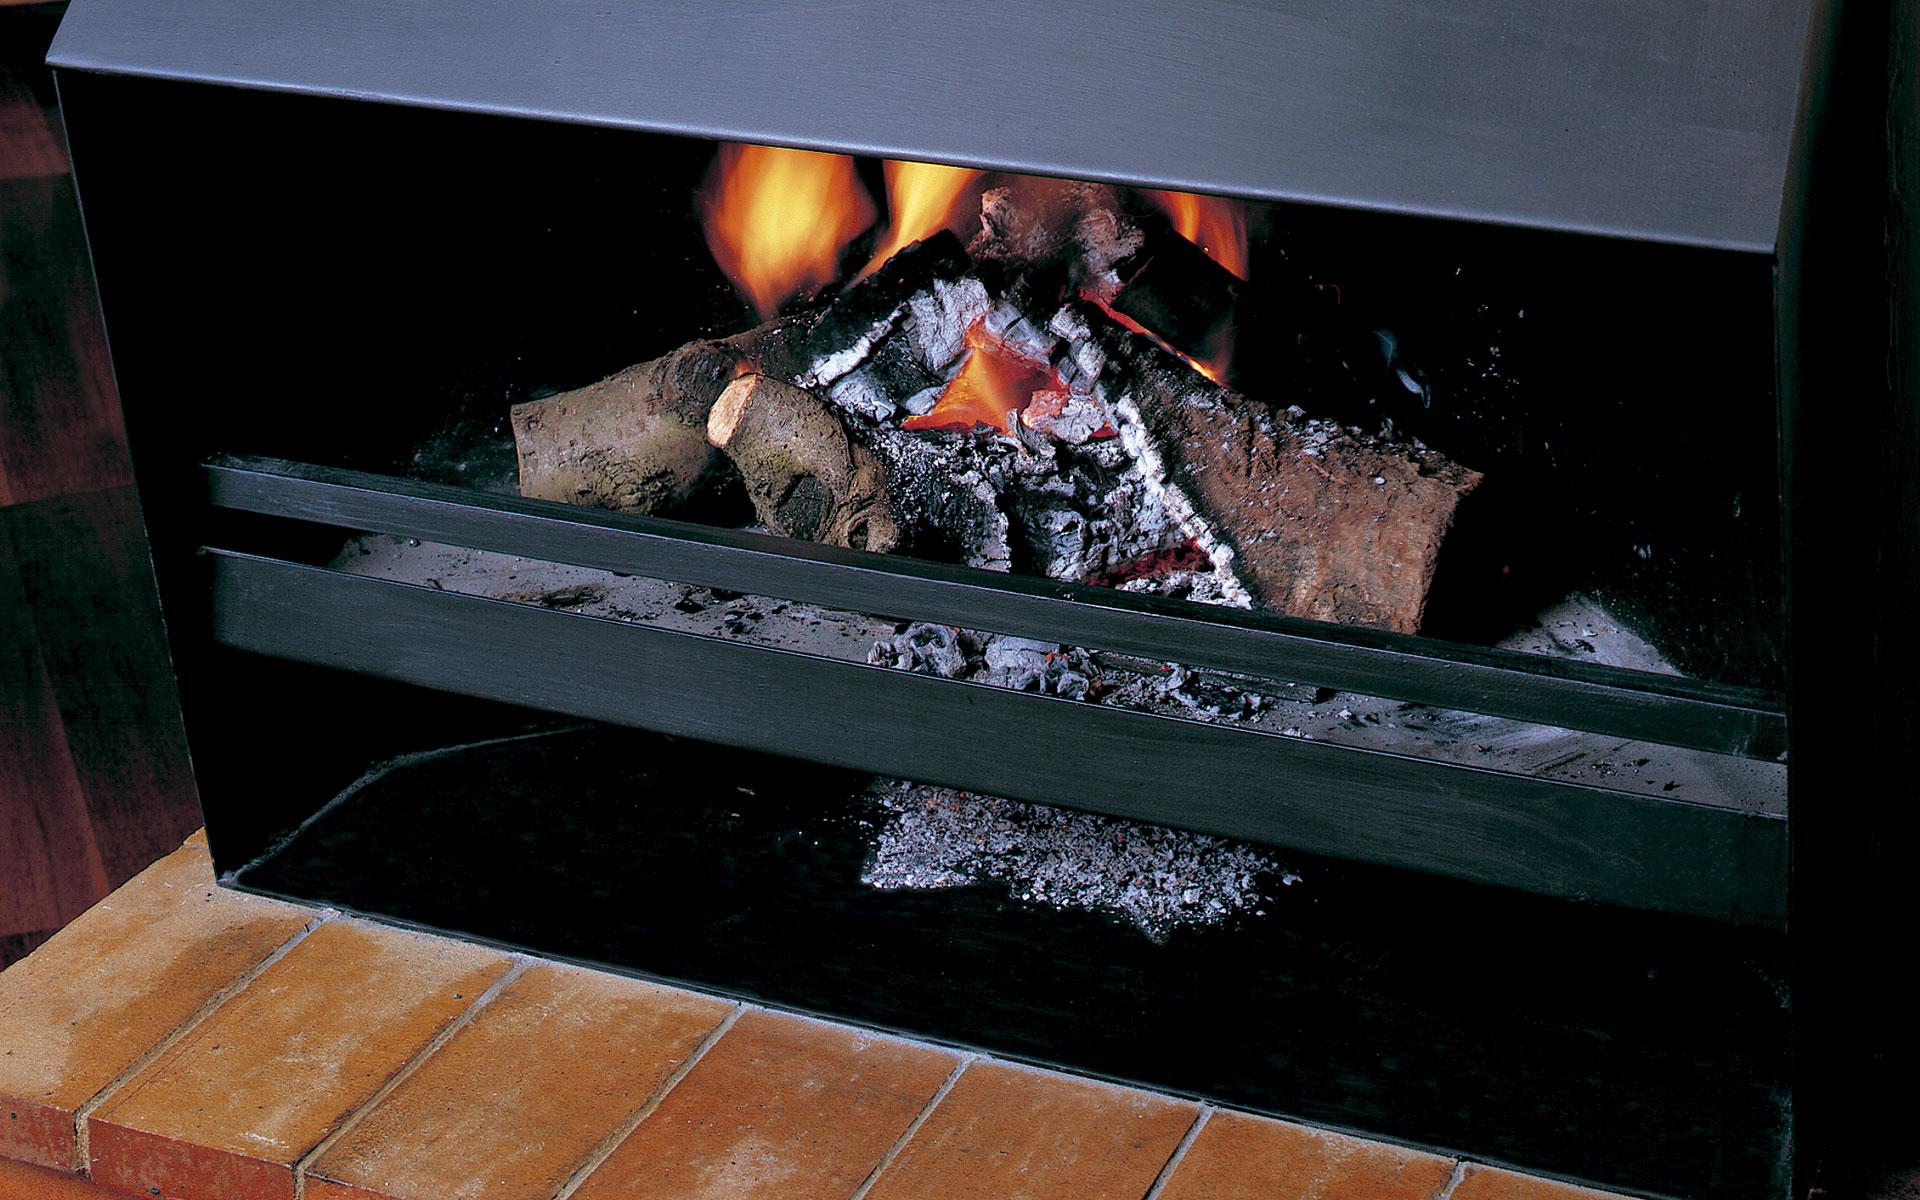 Chimenea BETA. Detalle de la leña quemando